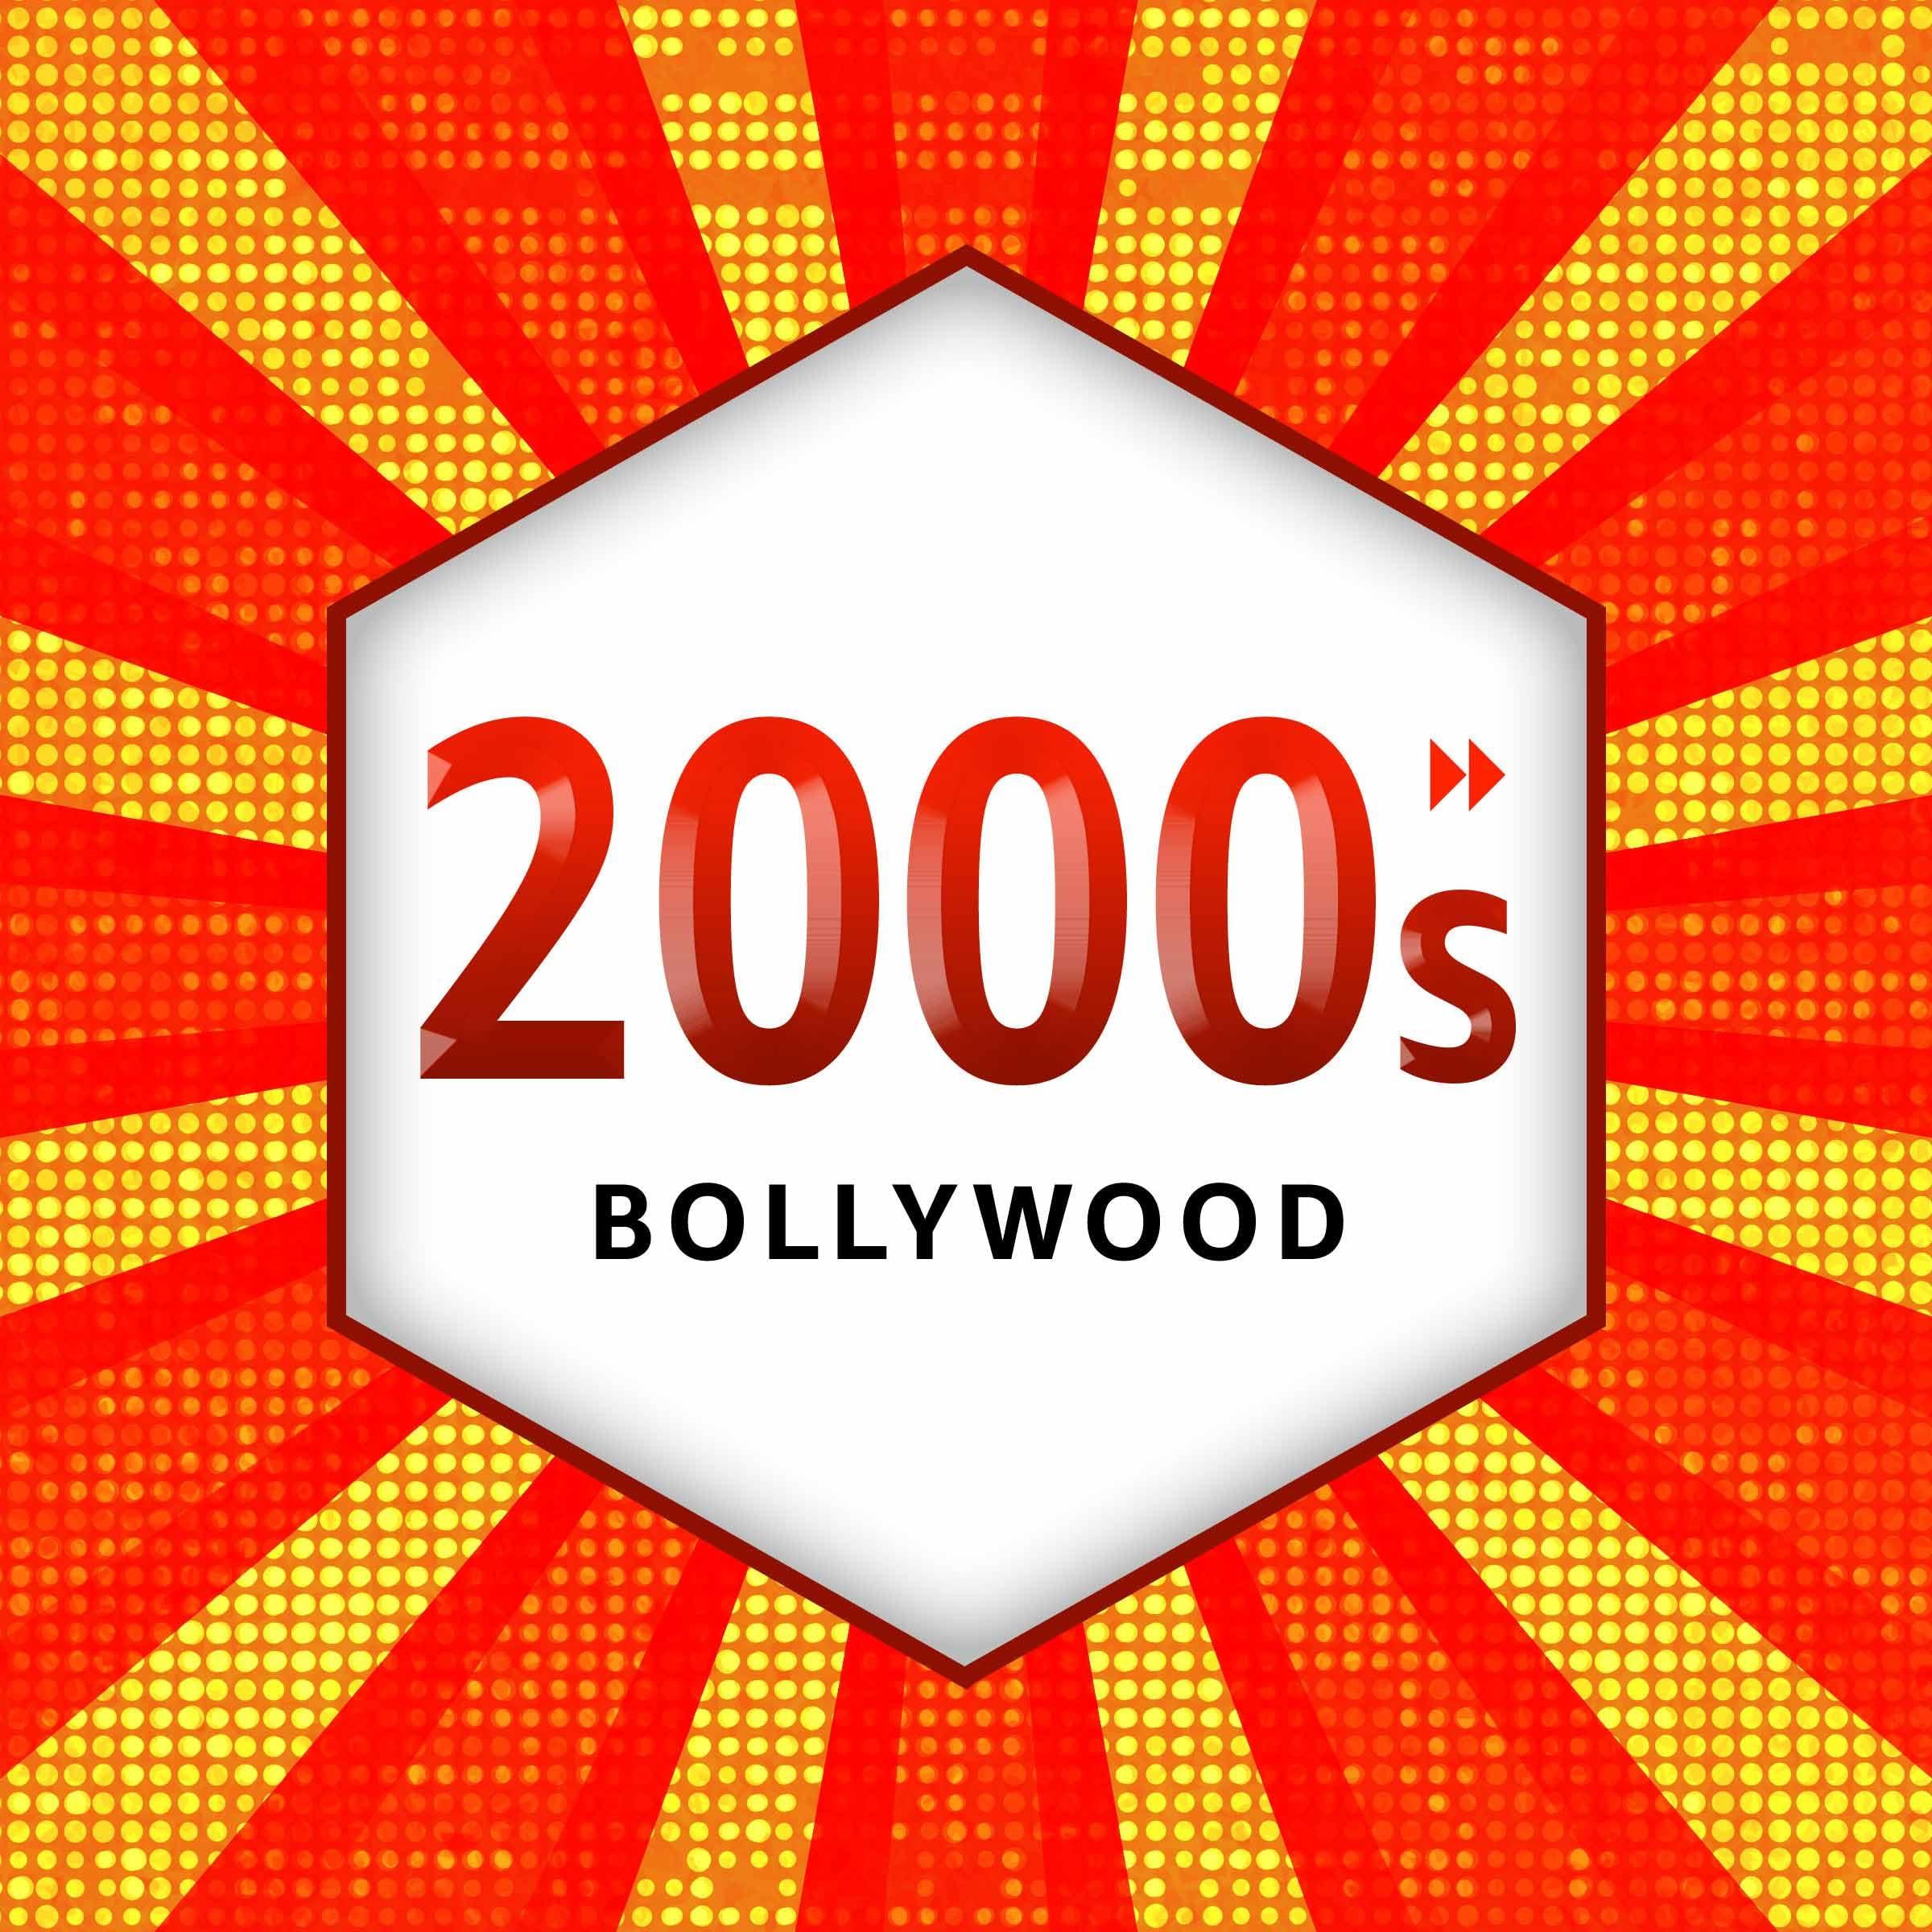 2000s Bollywood